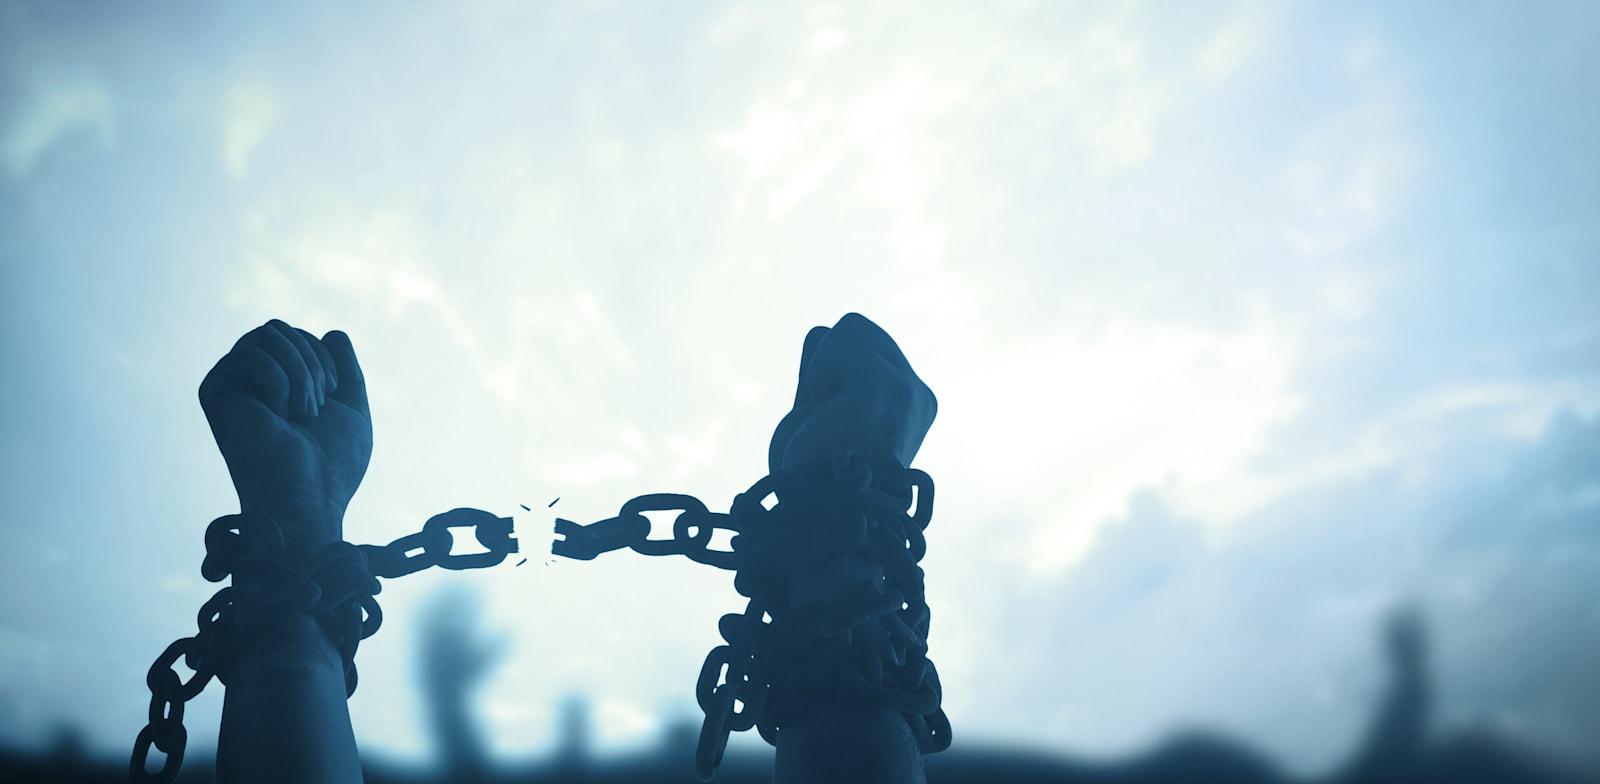 עבדות מודרנית, שוק שמגלגל מיליארדי דולרים בשנה / צילום: Shutterstock